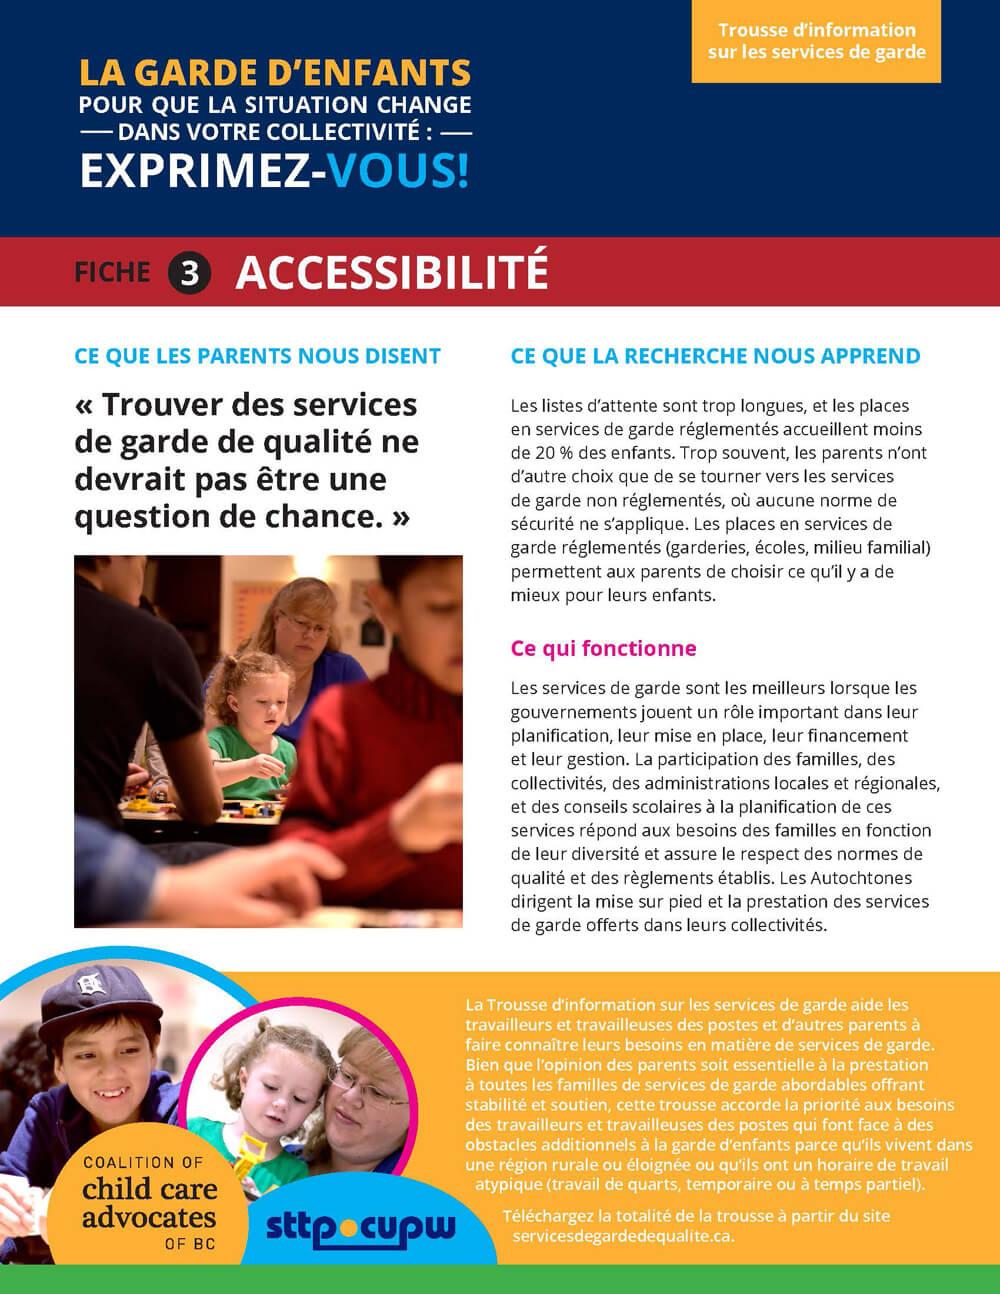 Fiche 3 : Accessibilité